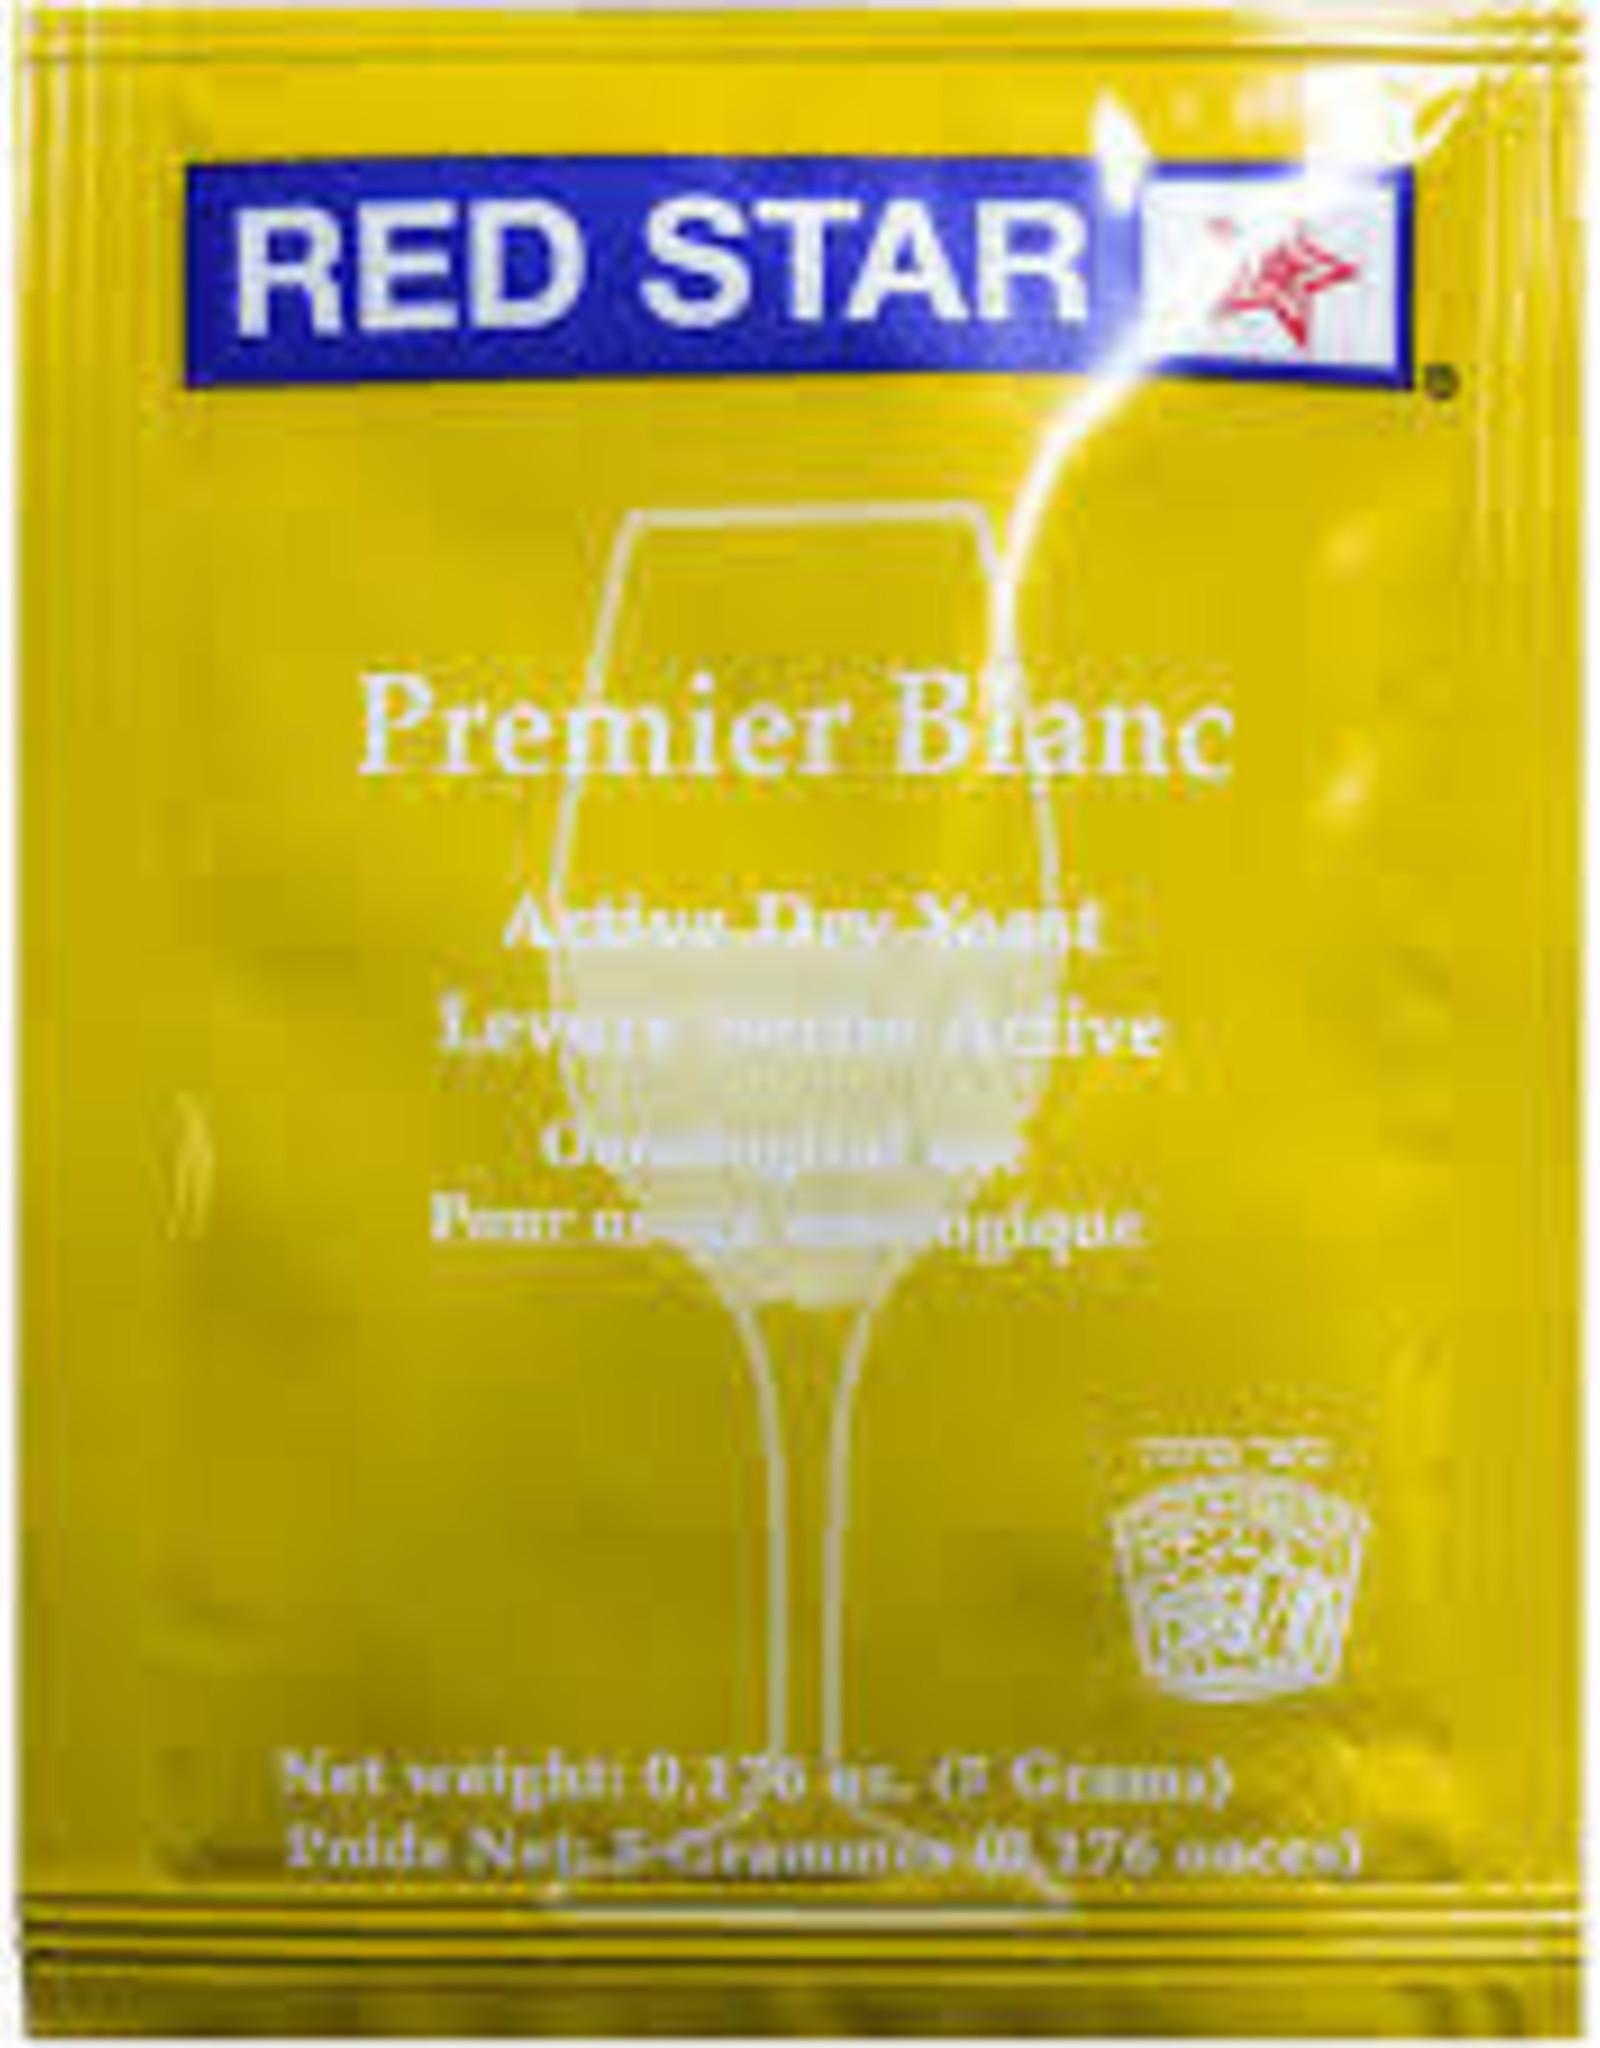 PREMIER BLANC RED STAR 5 GRAM WINE YEAST